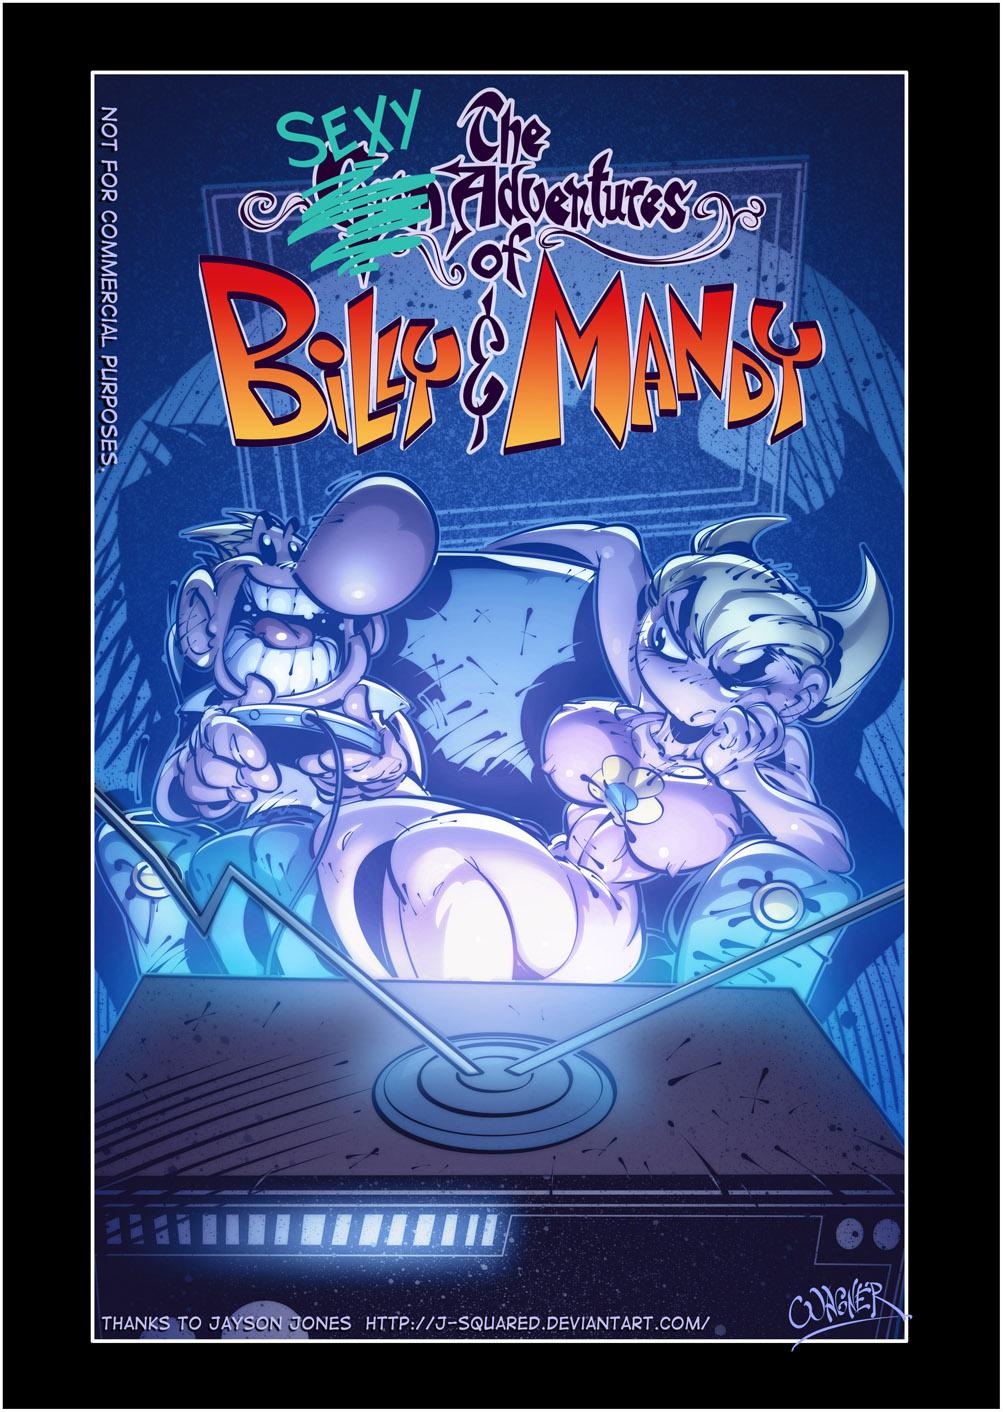 grim irwin of billy and mandy adventures Guild wars 2 kormir secret room